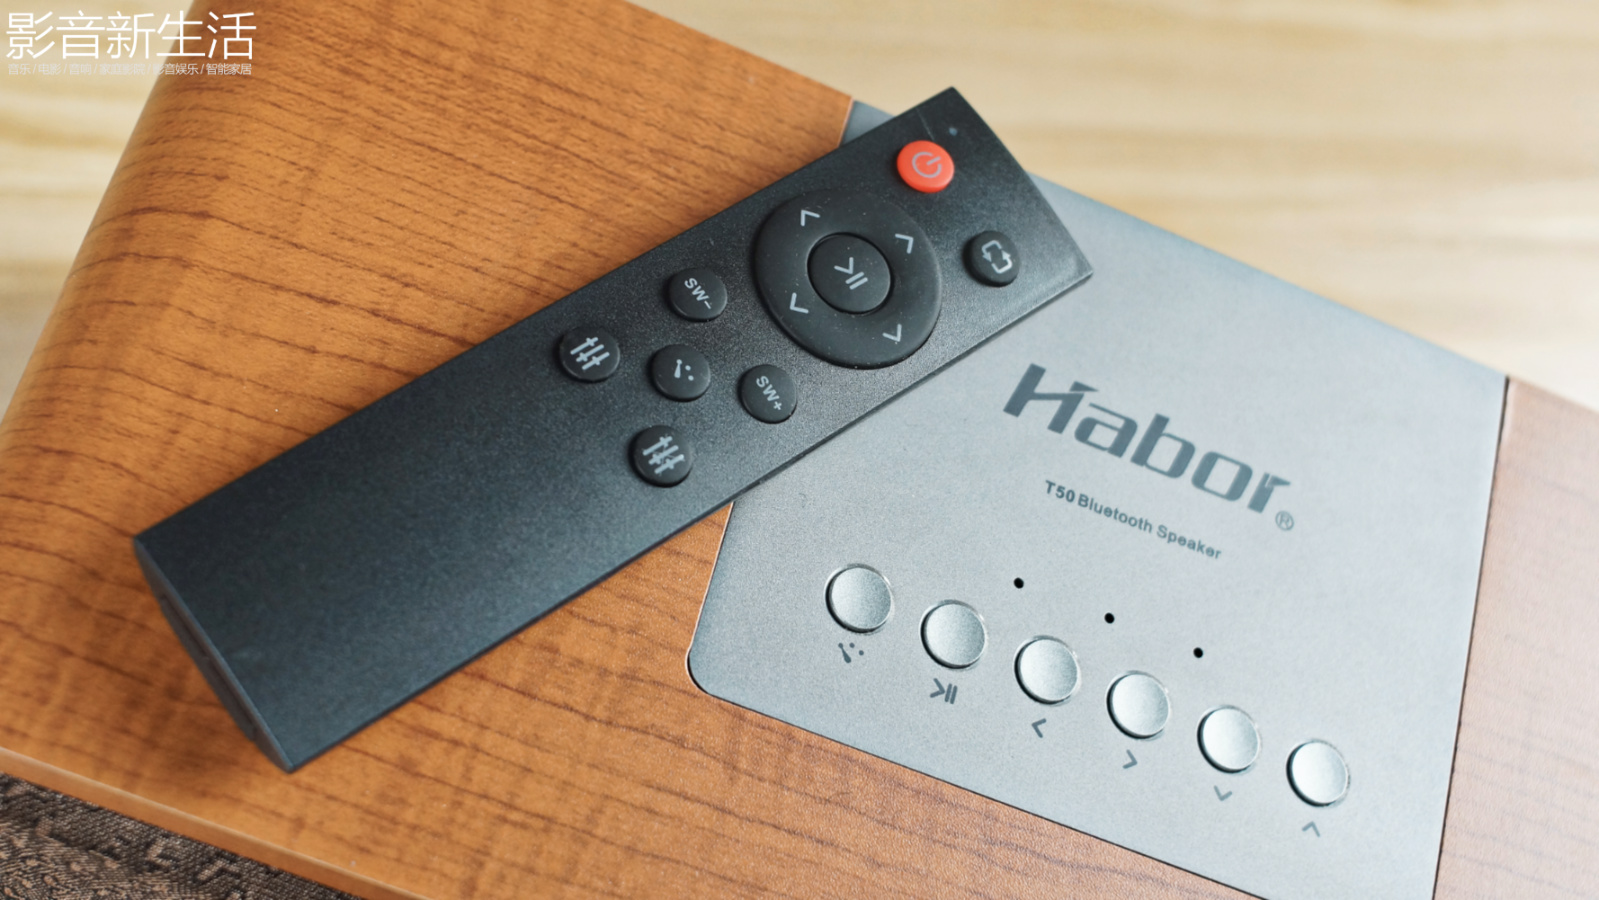 """Habor T50 1 - 新品  """"复古工艺,唯美声音"""" Habor 哈勃 T50 蓝牙音箱"""